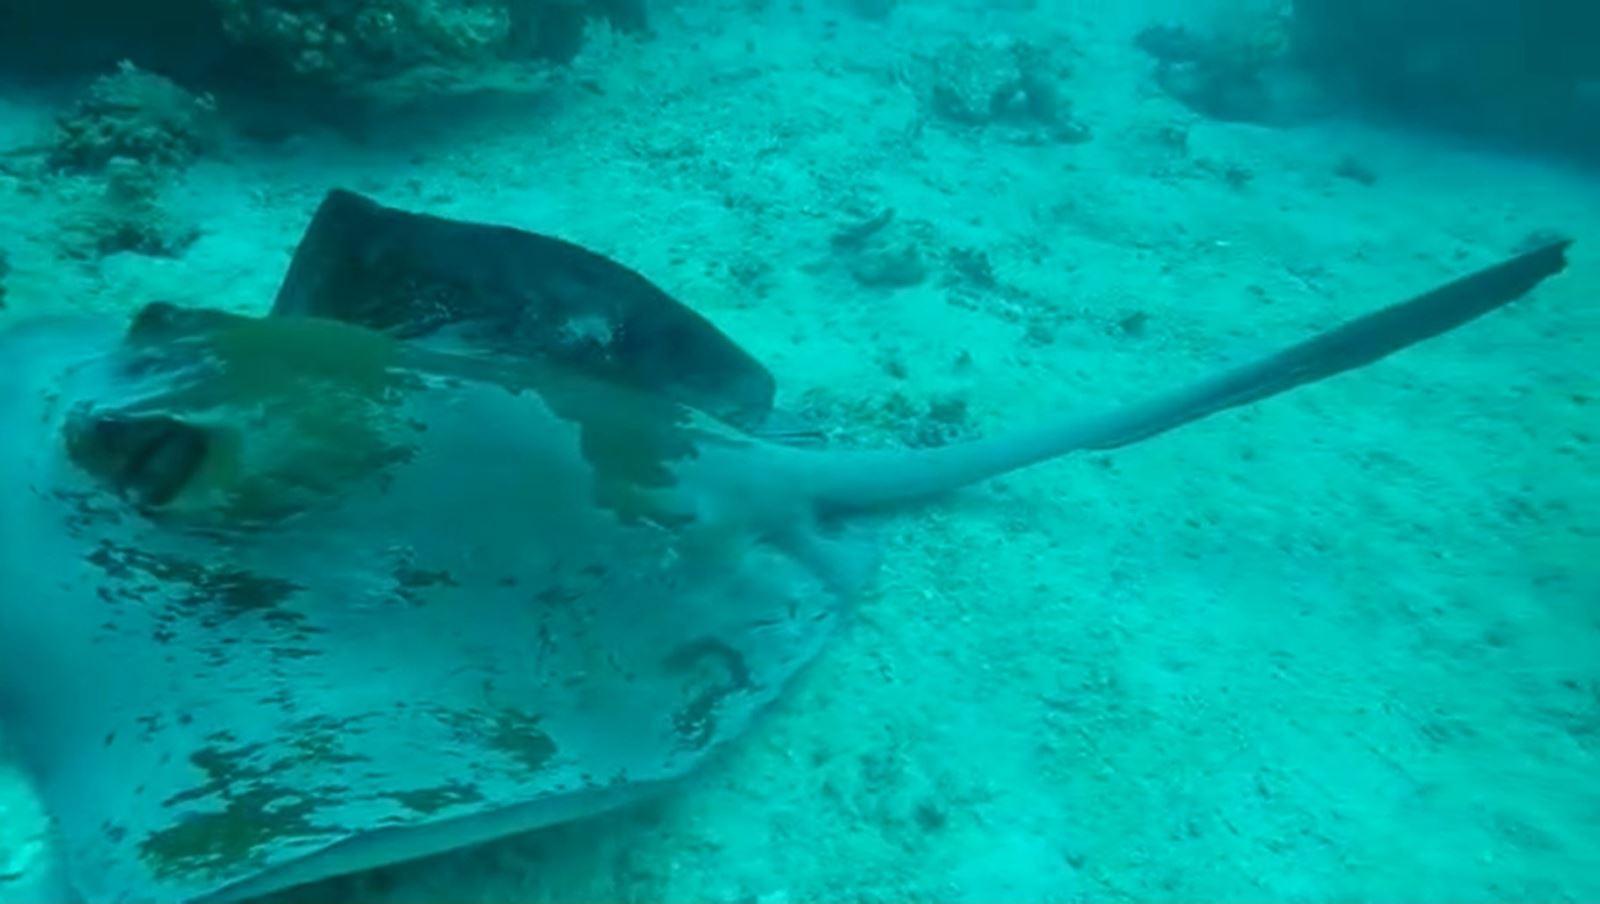 צפו: מפגן דו הקיום המושלם במפרץ אילת